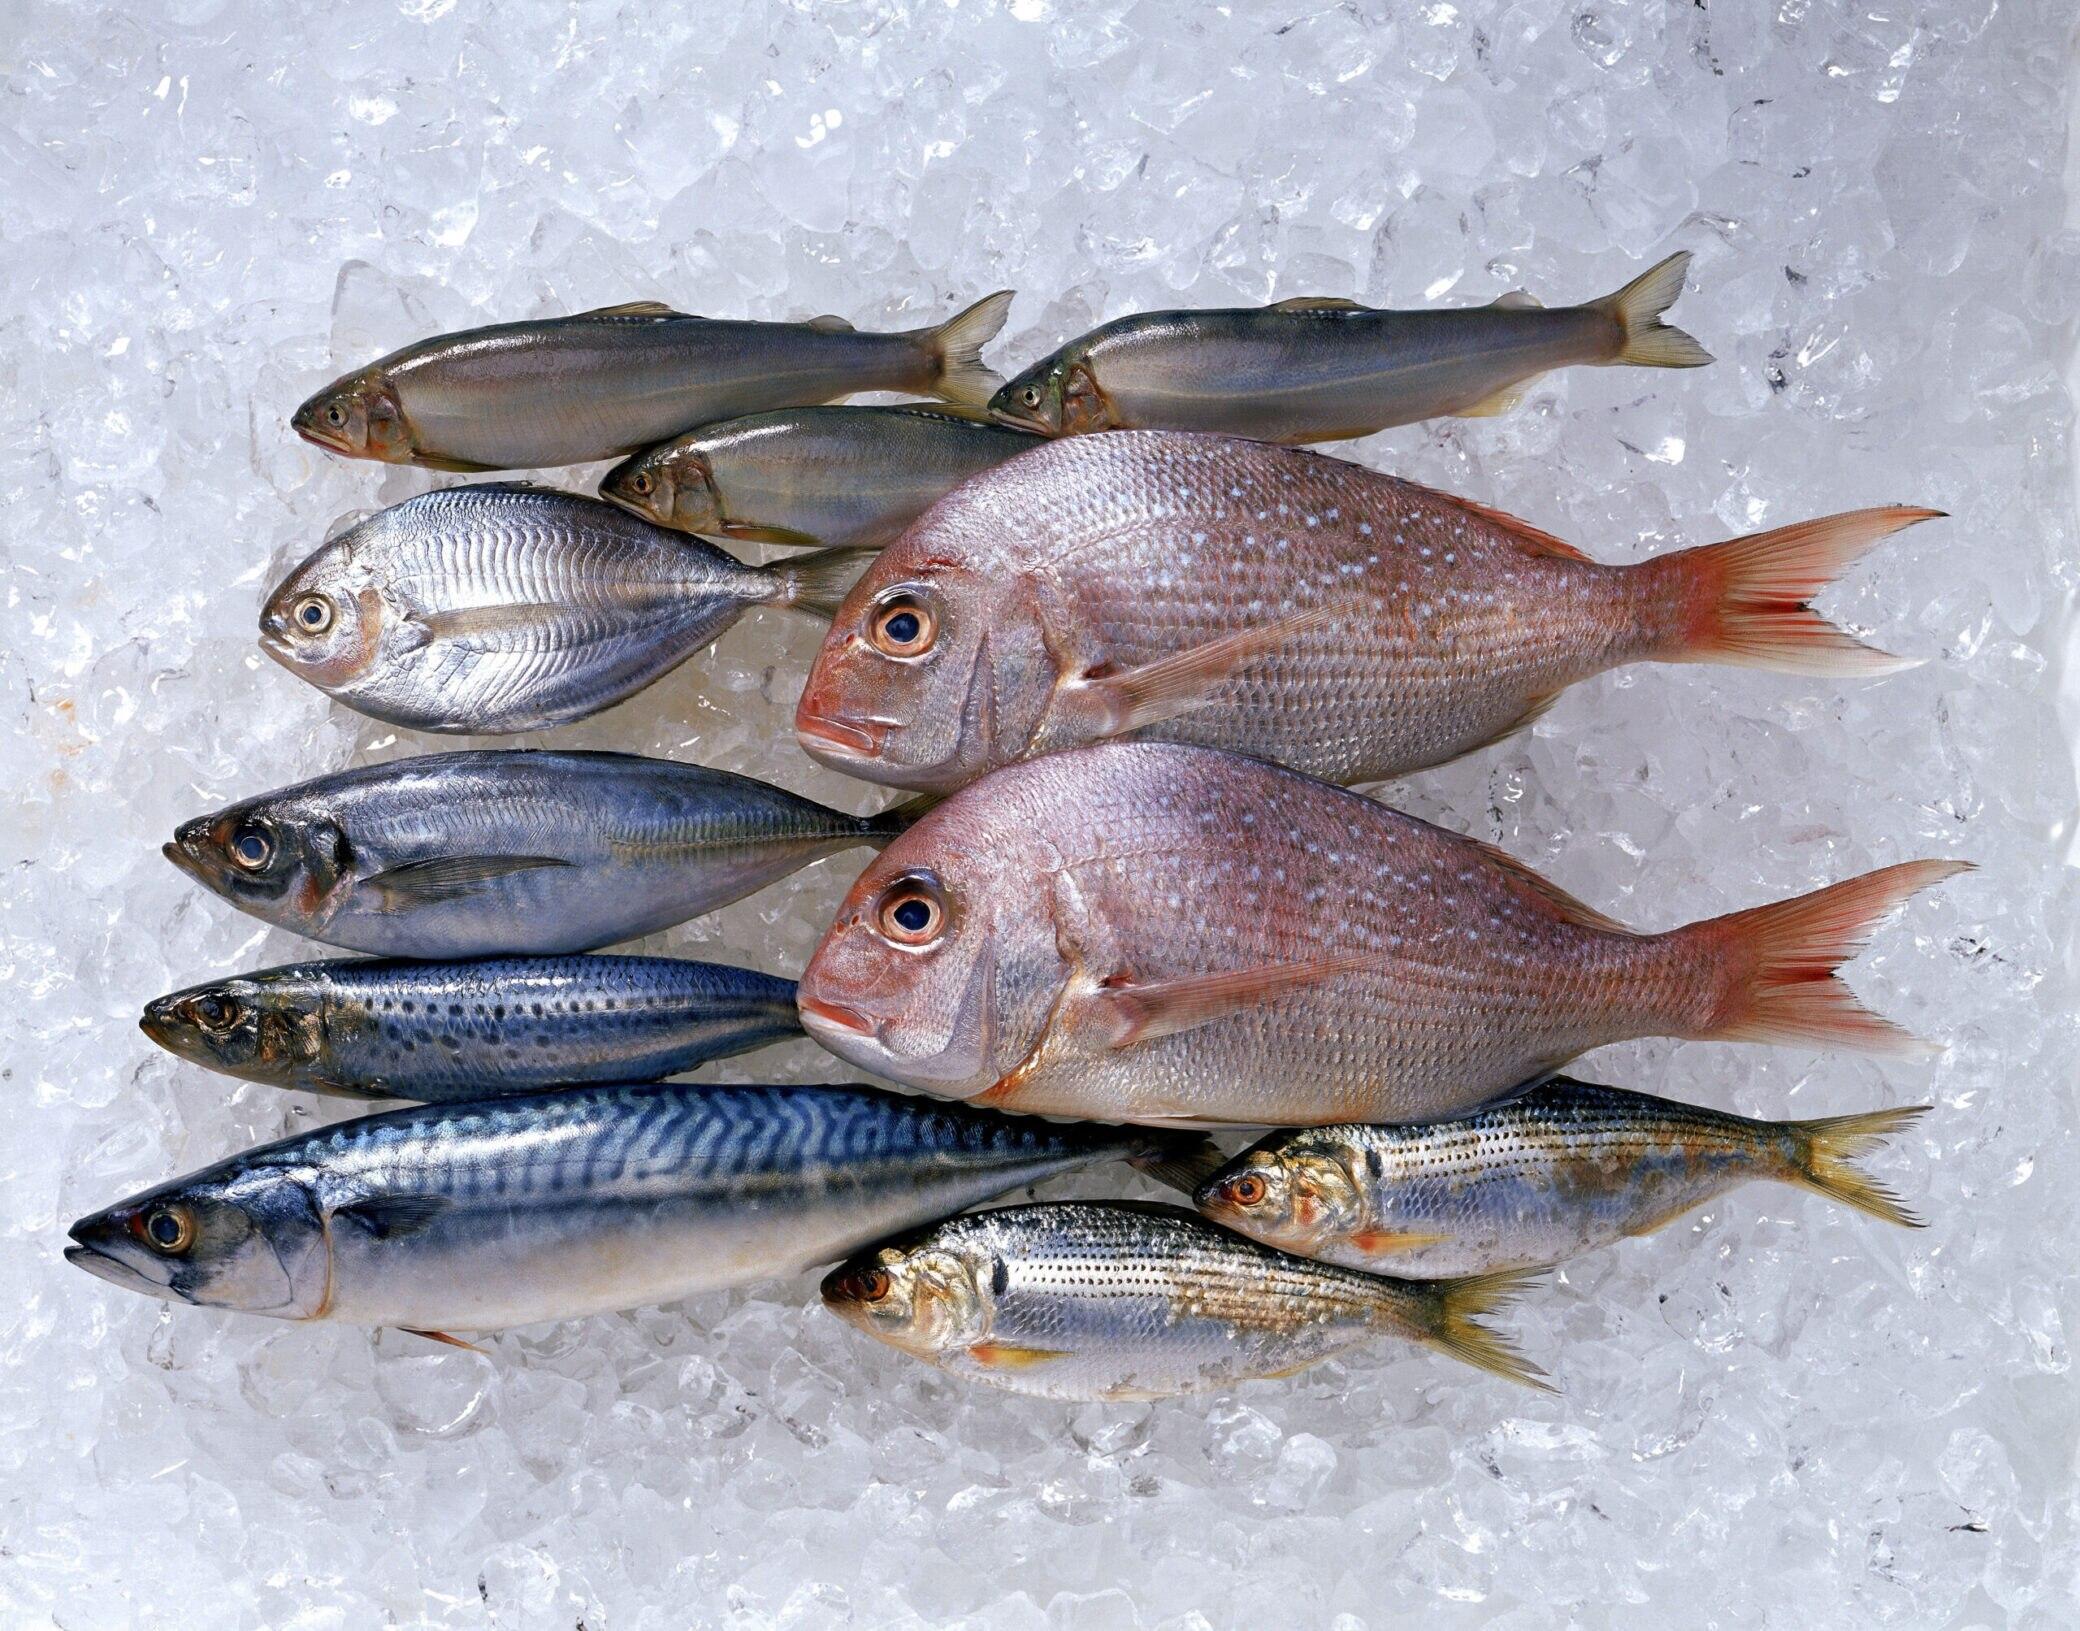 Welchen Fisch kann man bedenkenlos essen? - FITBOOK